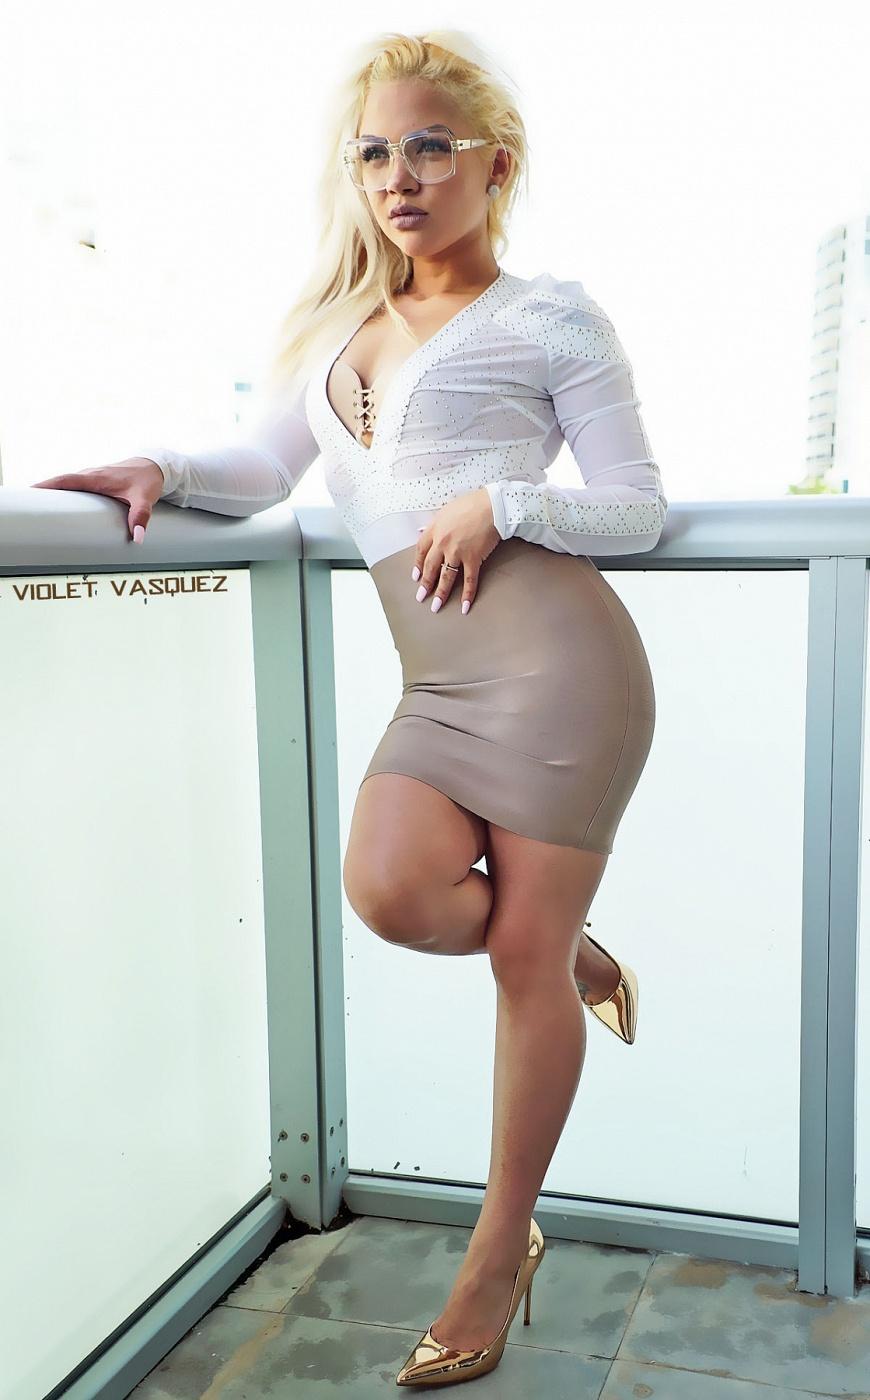 Violet Vasquez